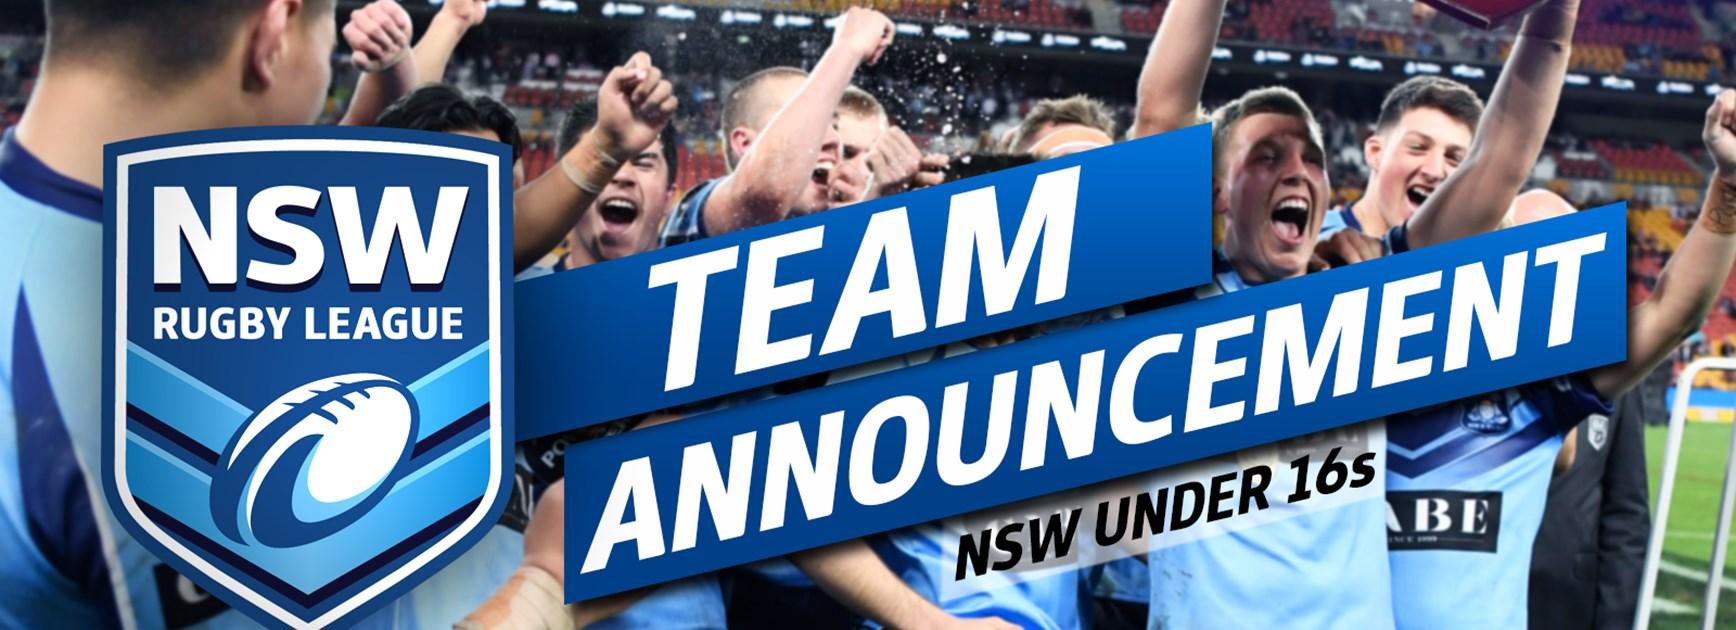 TEAM | NSW Under 16s